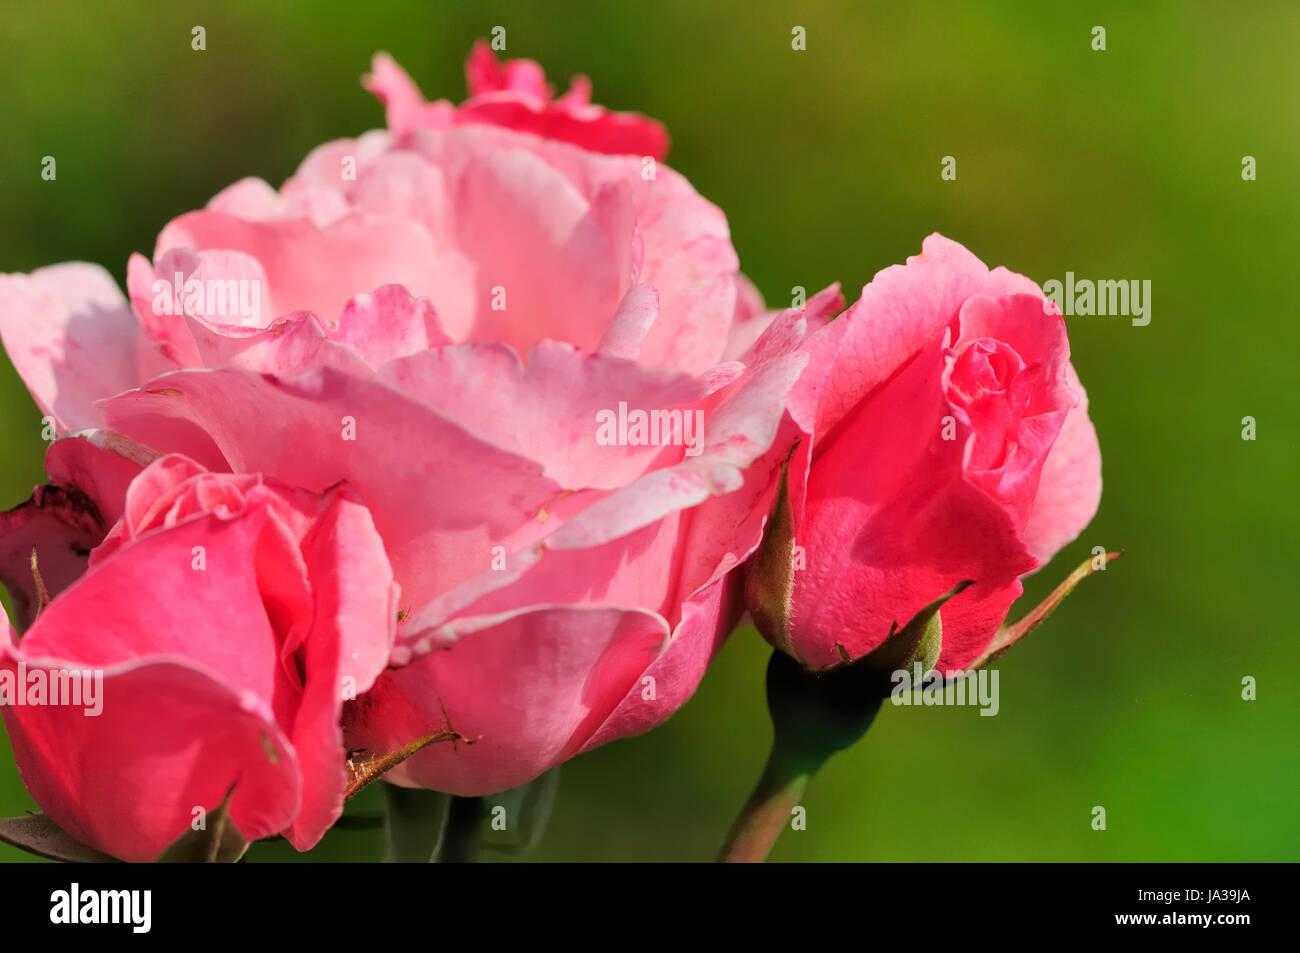 Flower plant rose flowers bushes roses shrub pink macro flower plant rose flowers bushes roses shrub pink macro close up mightylinksfo